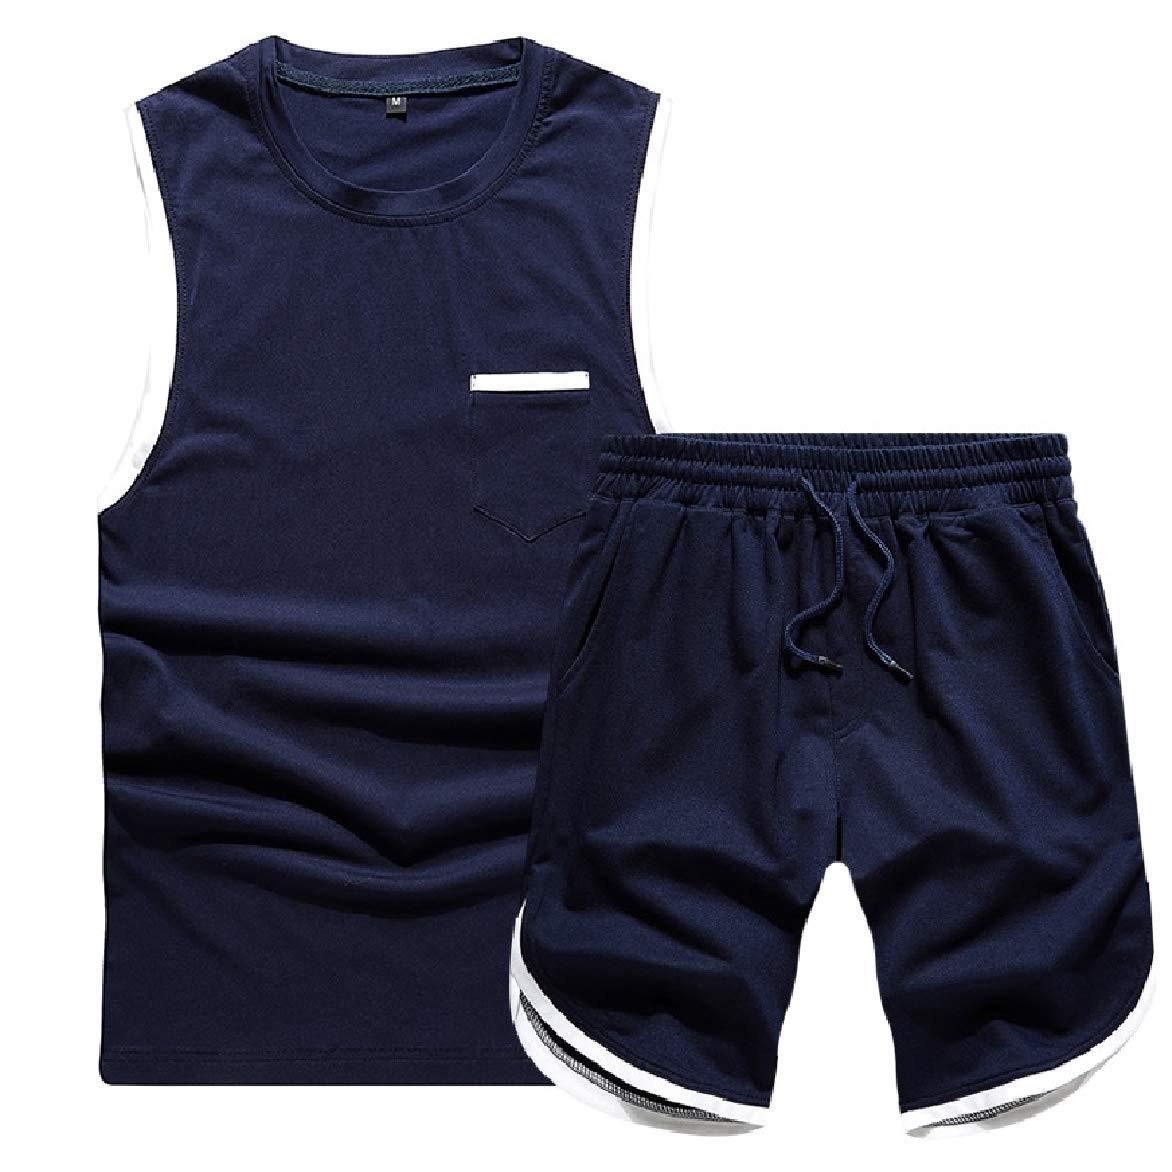 HEFASDM Mens Pure Colour Summer Tanks Oversize Sweatsuit Pants Set